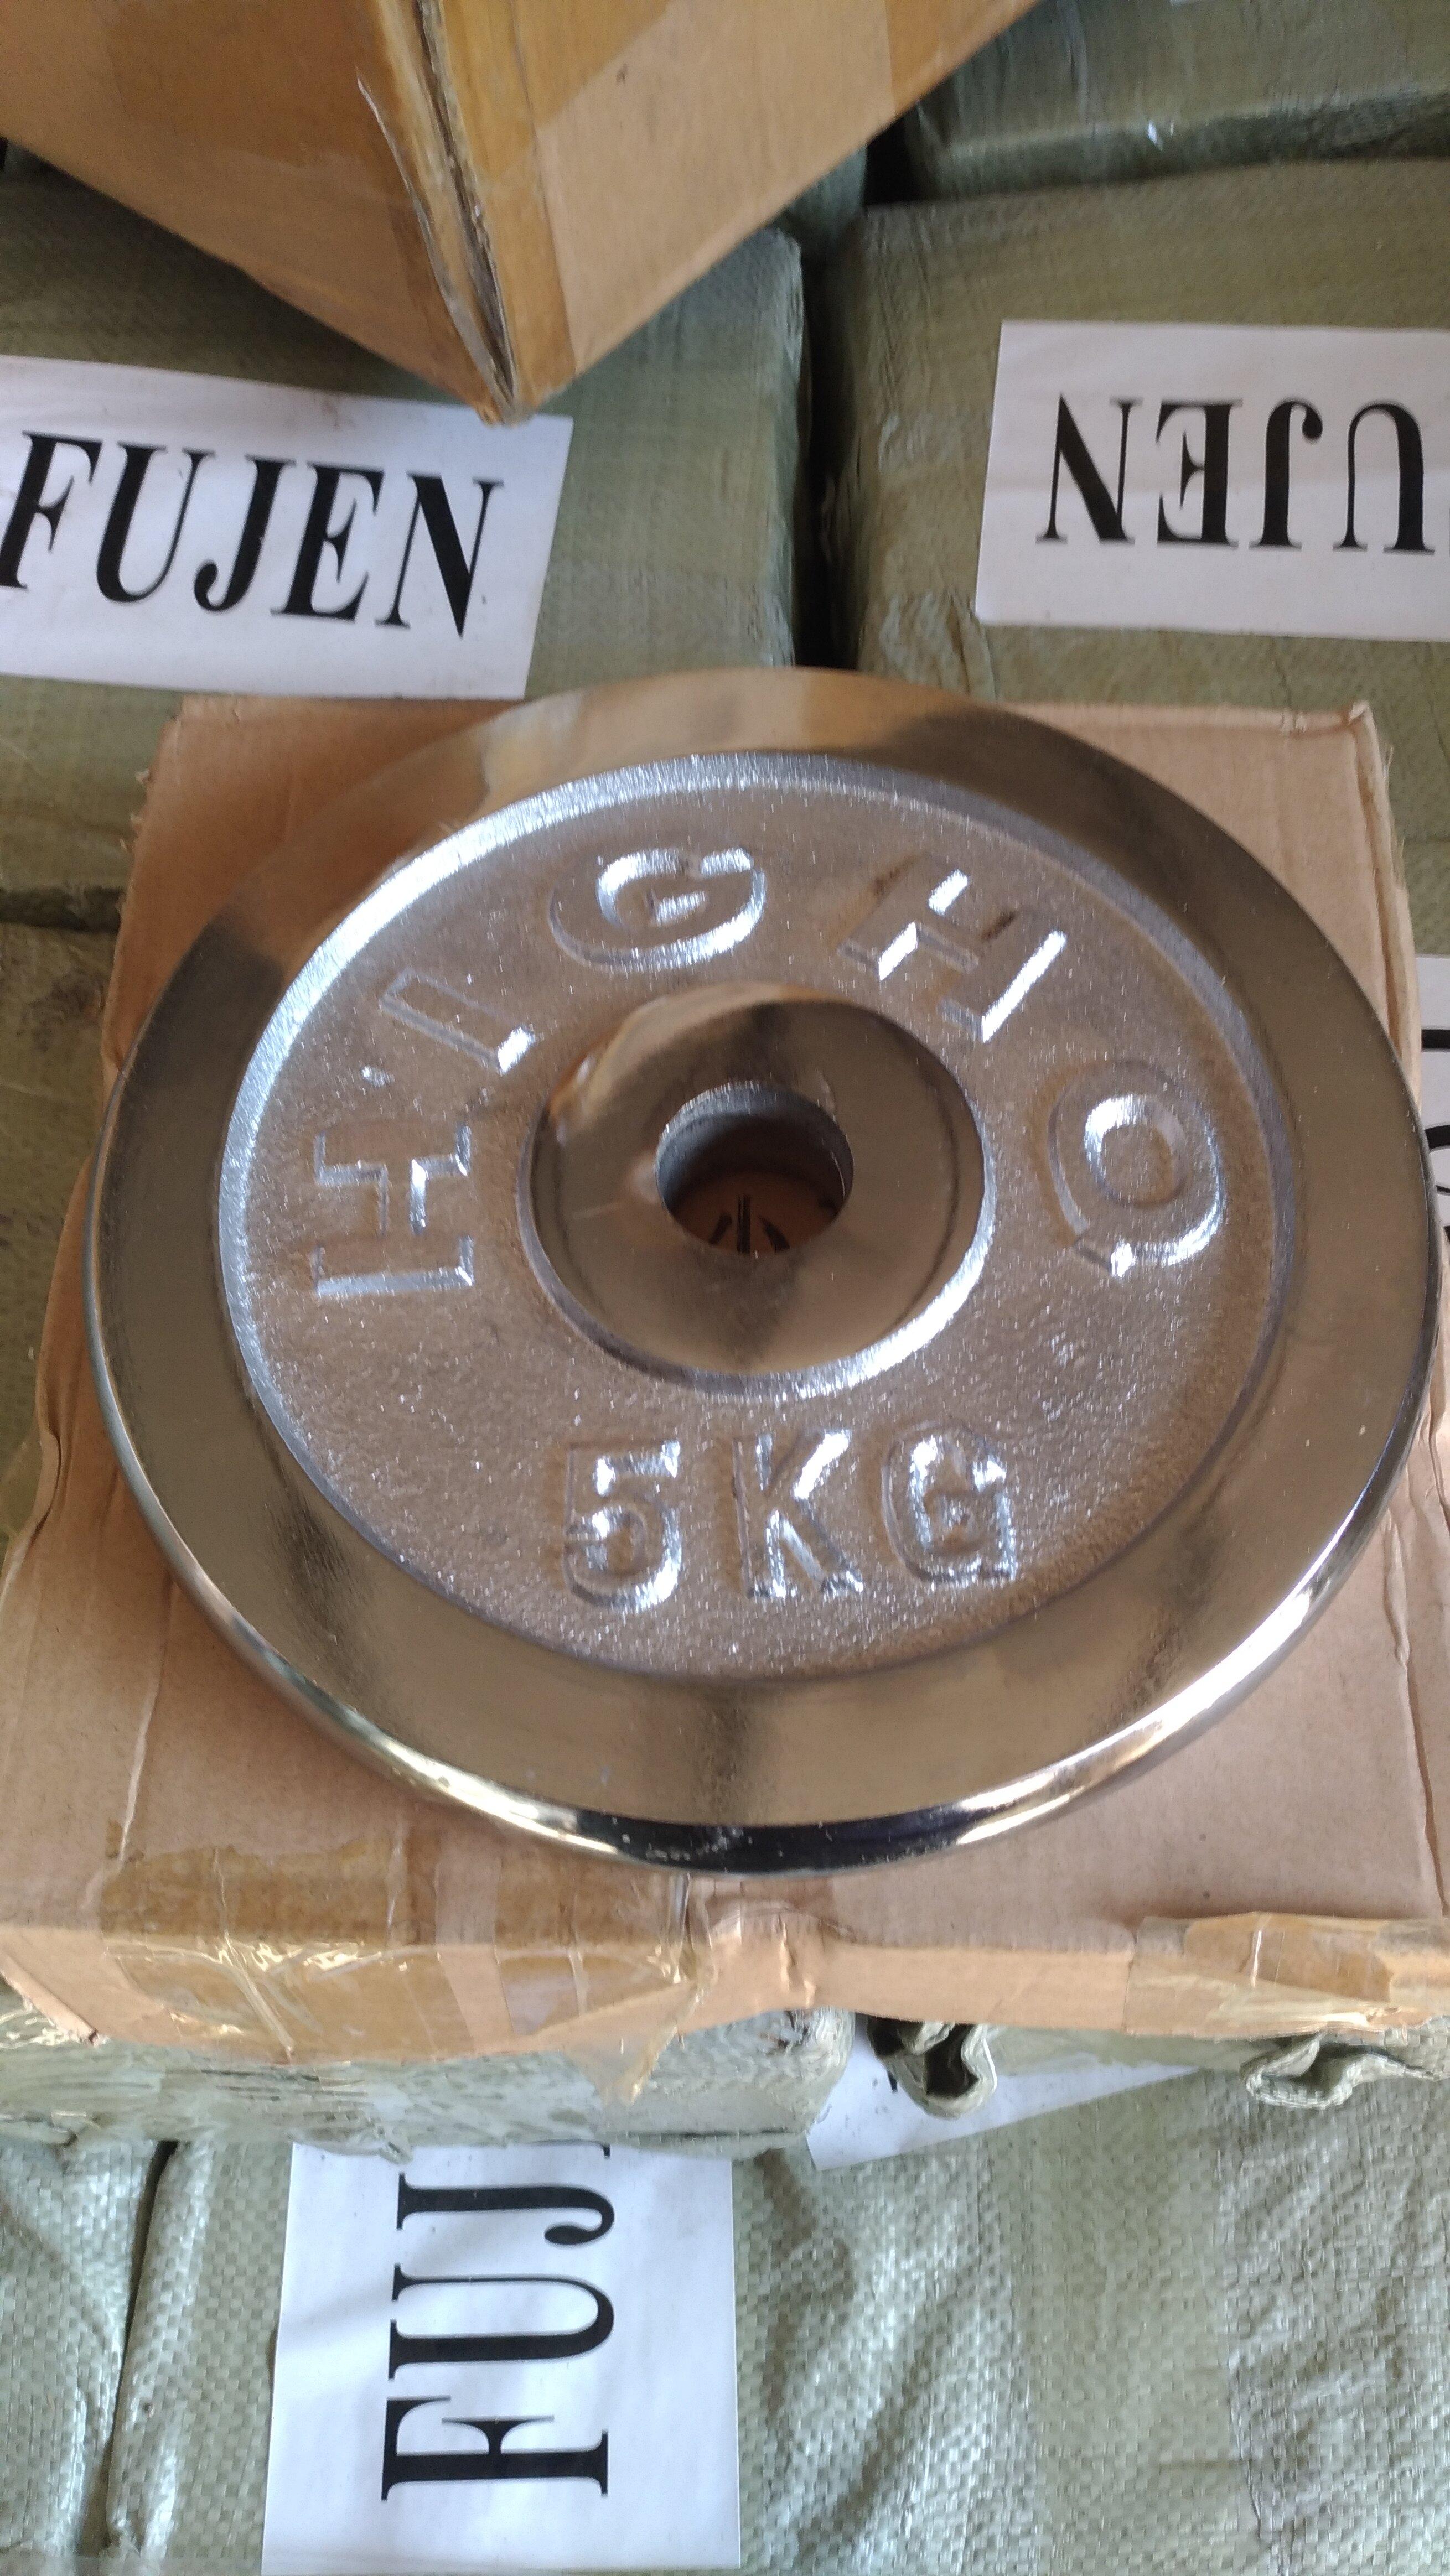 5公斤槓片 啞鈴 啞鈴椅 槓片 啞鈴椅 仰臥板 單槓